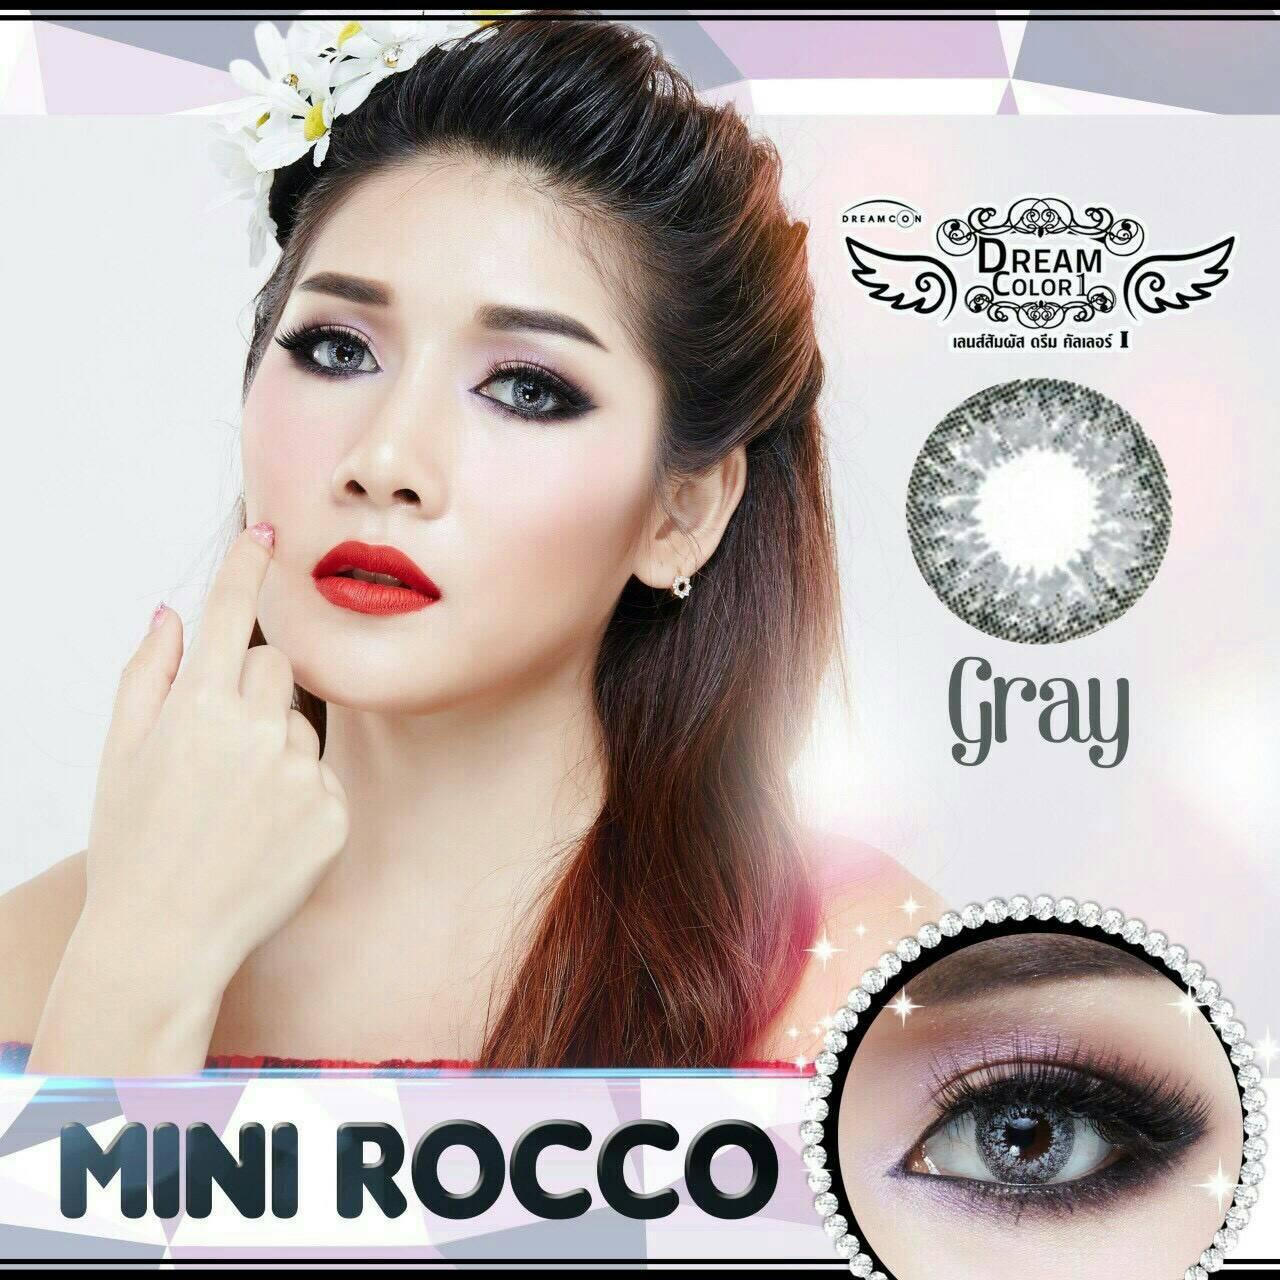 Mini Rocco Gray Dreamcolor1เลนส์นิ่มใส่สบาย คอนแทคเลนส์ ขายส่งคอนแทคเลนส์ ขายส่งBigeye Bigeyeเกาหลี